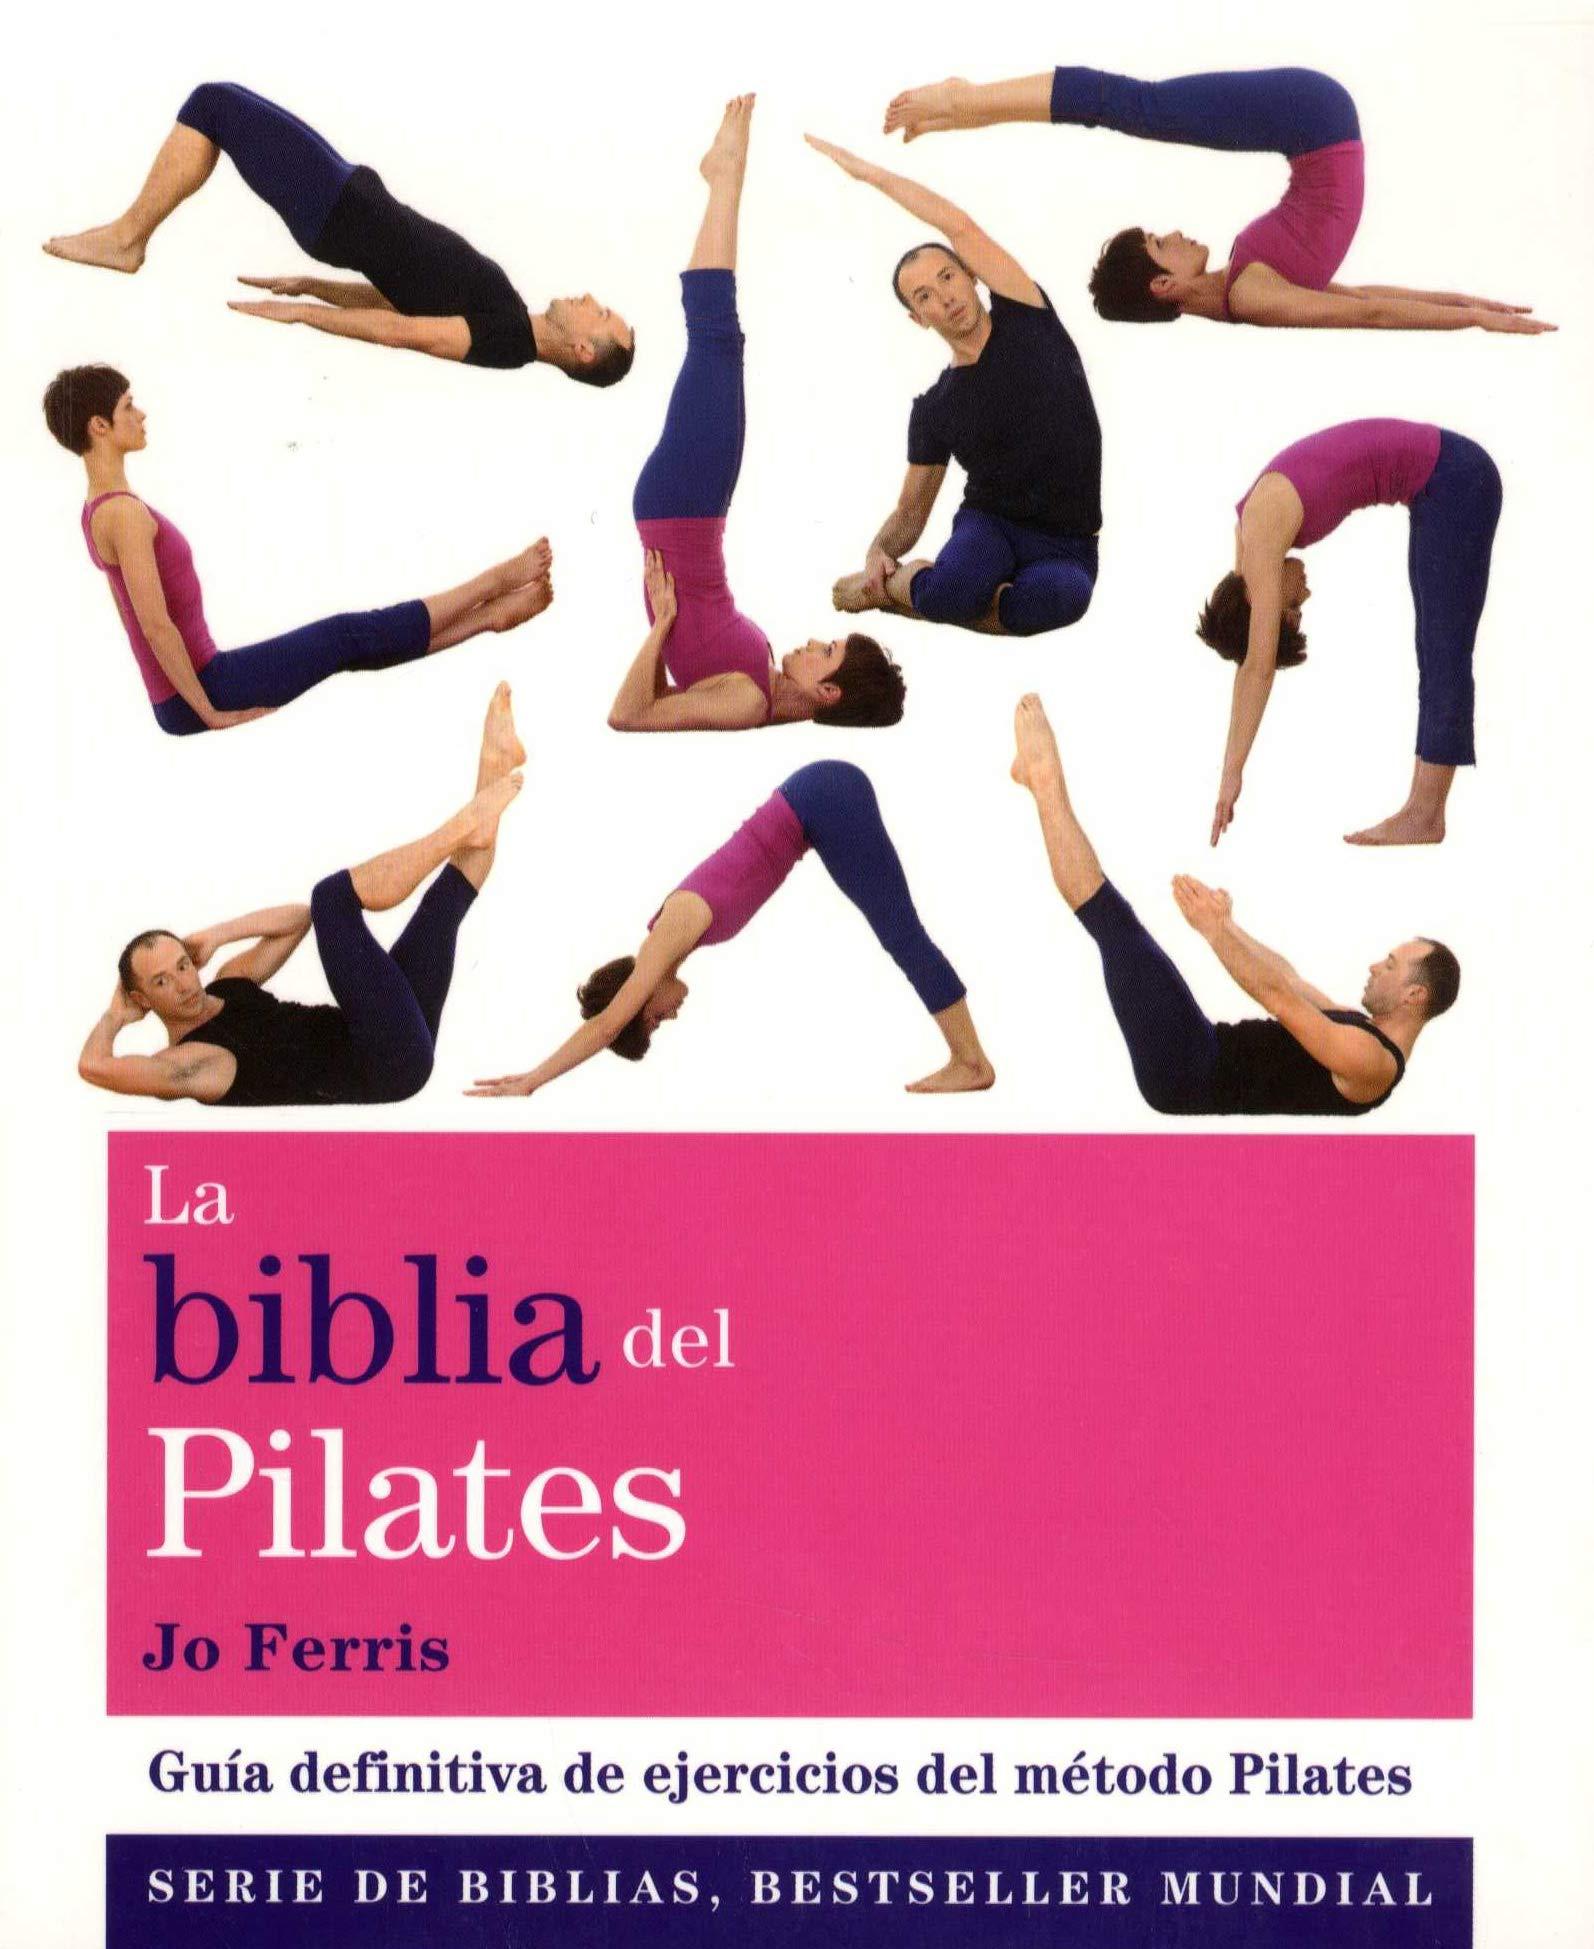 La biblia del pilates : guía definitiva de ejercicios del ...